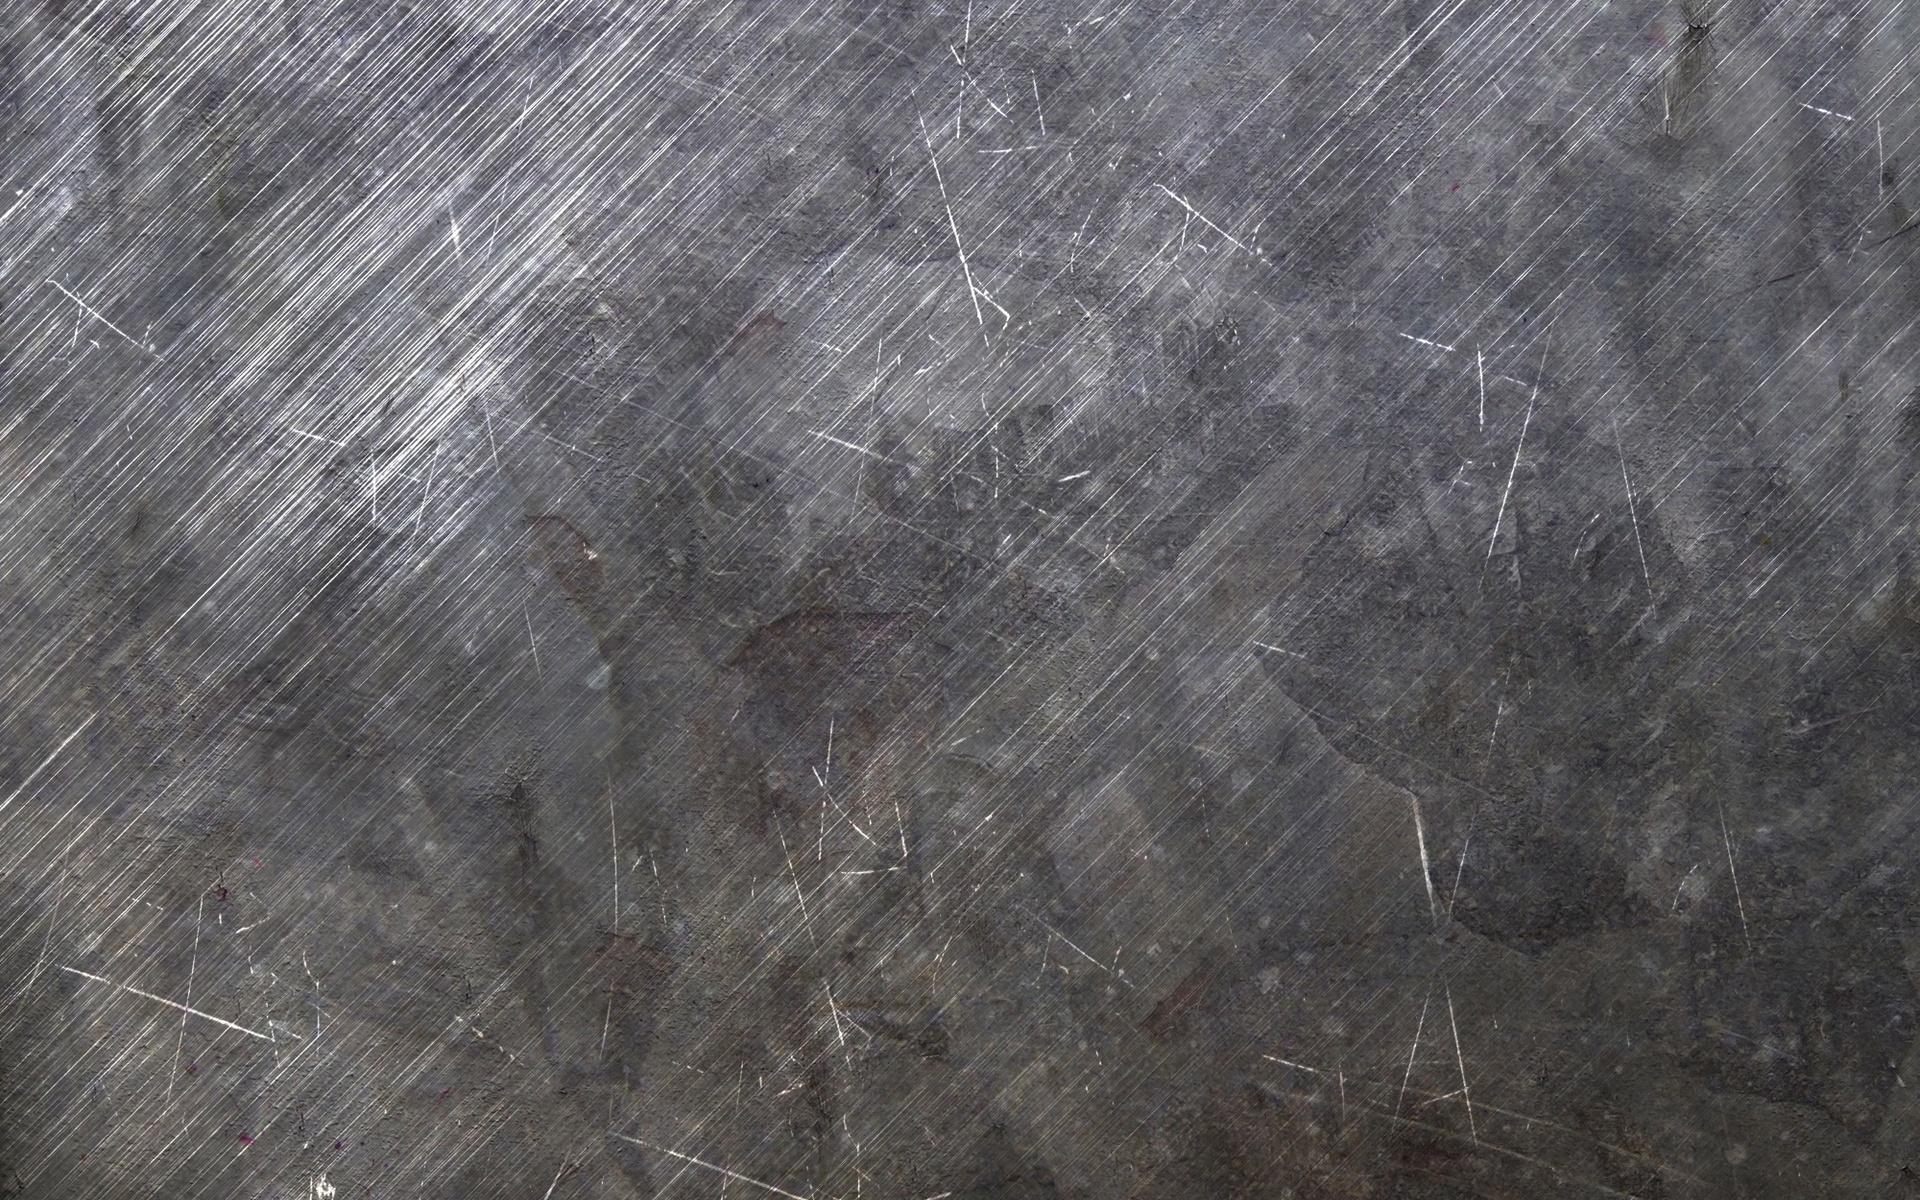 hintergrundbilder metall hintergrund kratzer oberfl che 1920x1200 goodfon 734338. Black Bedroom Furniture Sets. Home Design Ideas